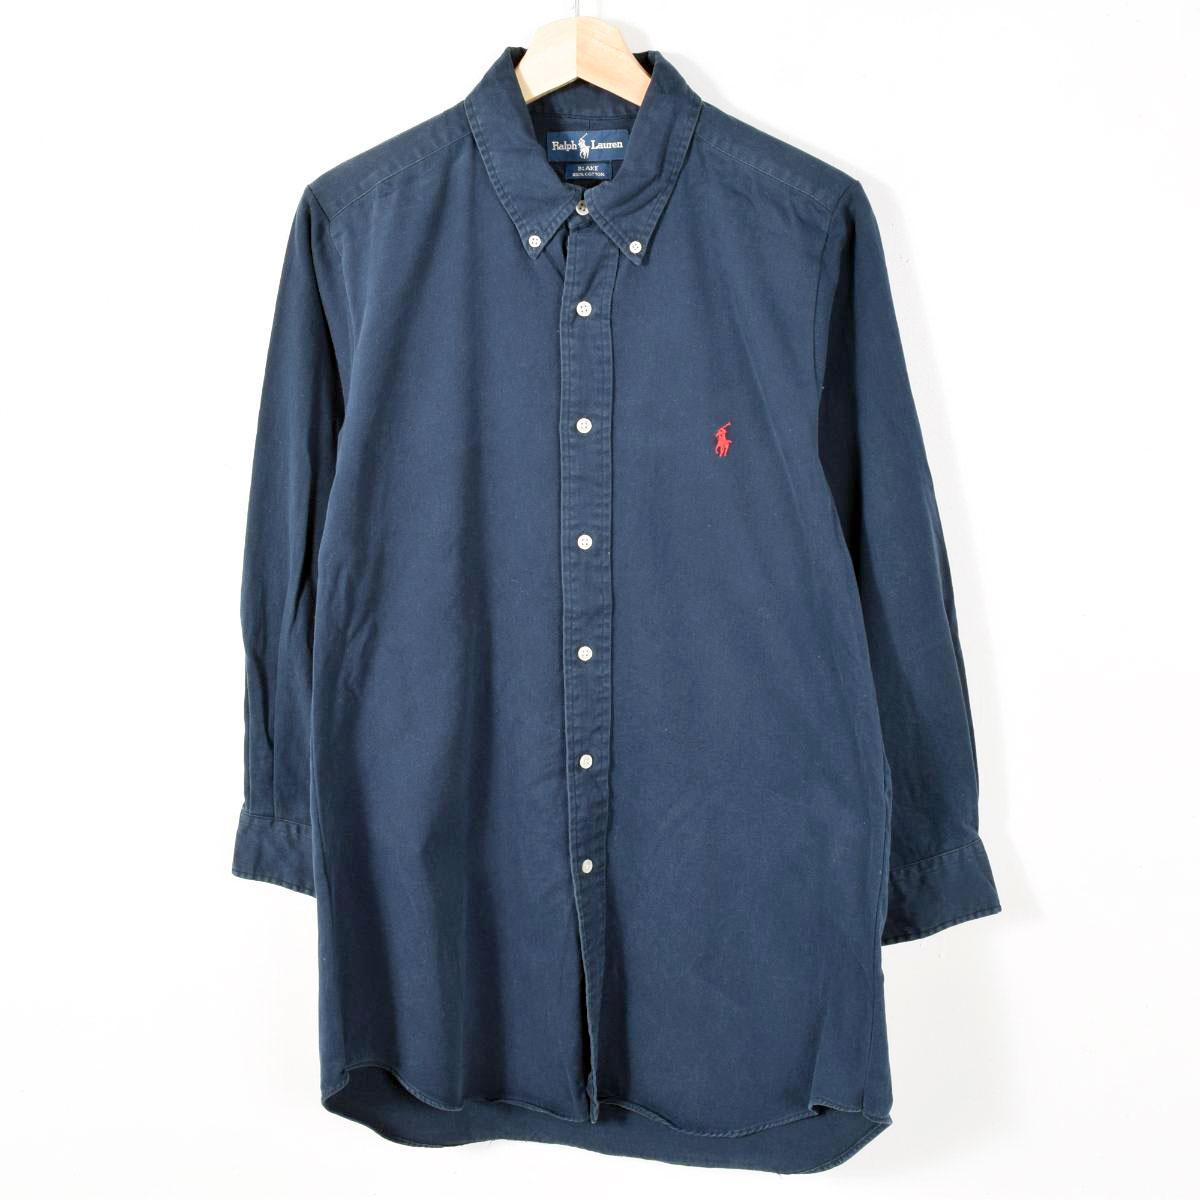 44bf383d83778 ... ボタンダウンシャツ、Tシャツ、ボトムス、スイングトップ、スウェットトップス、ハーフジップセーター、カーディガン、キャップ、ワンピース、ジャケット、  ...